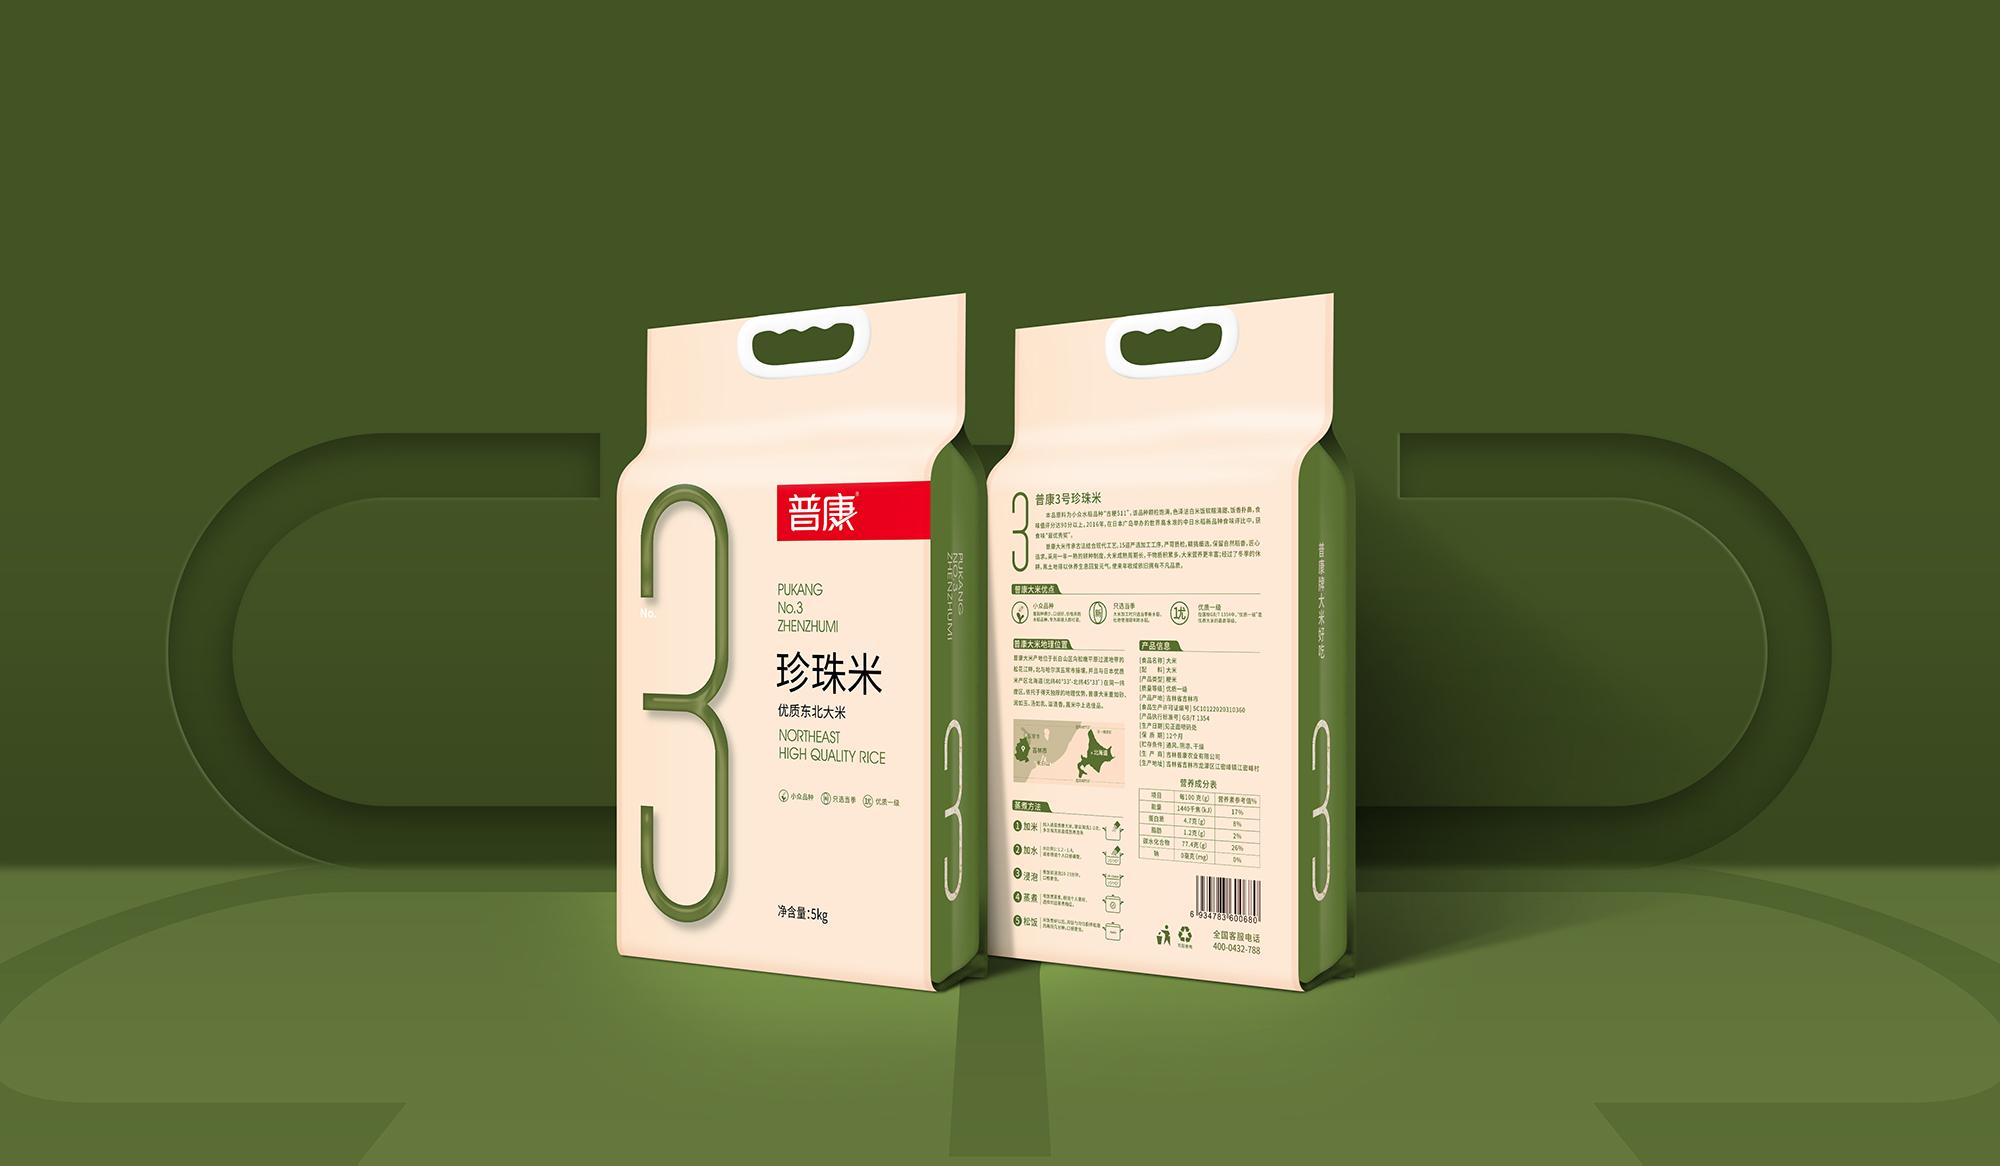 大米包装—意形社